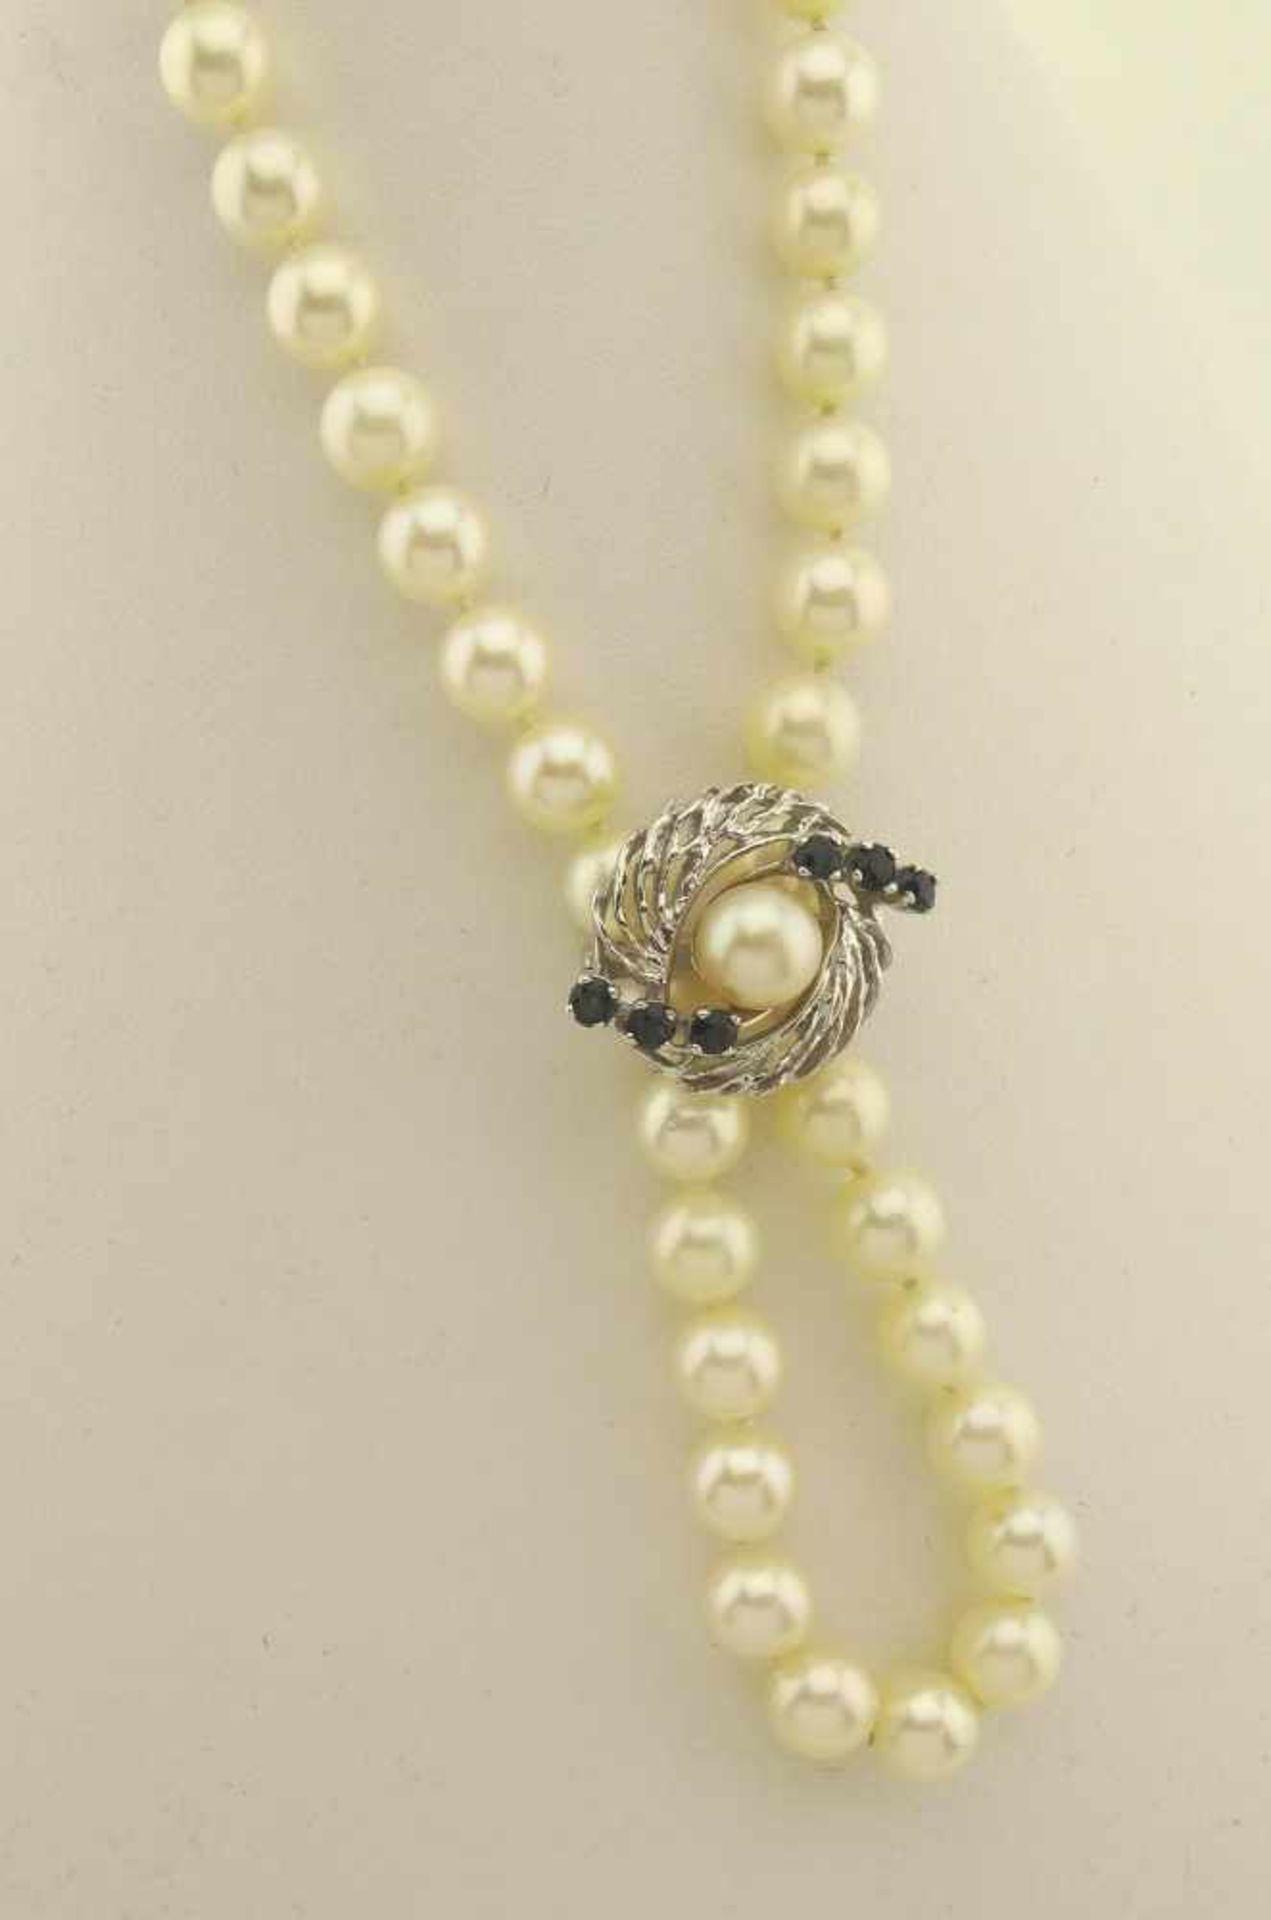 Los 16 - Akoya Perlenkette endlos ca. 90 cm, 7mm Durchmesser der Akoyperlen, weißes Lüster, mit 585